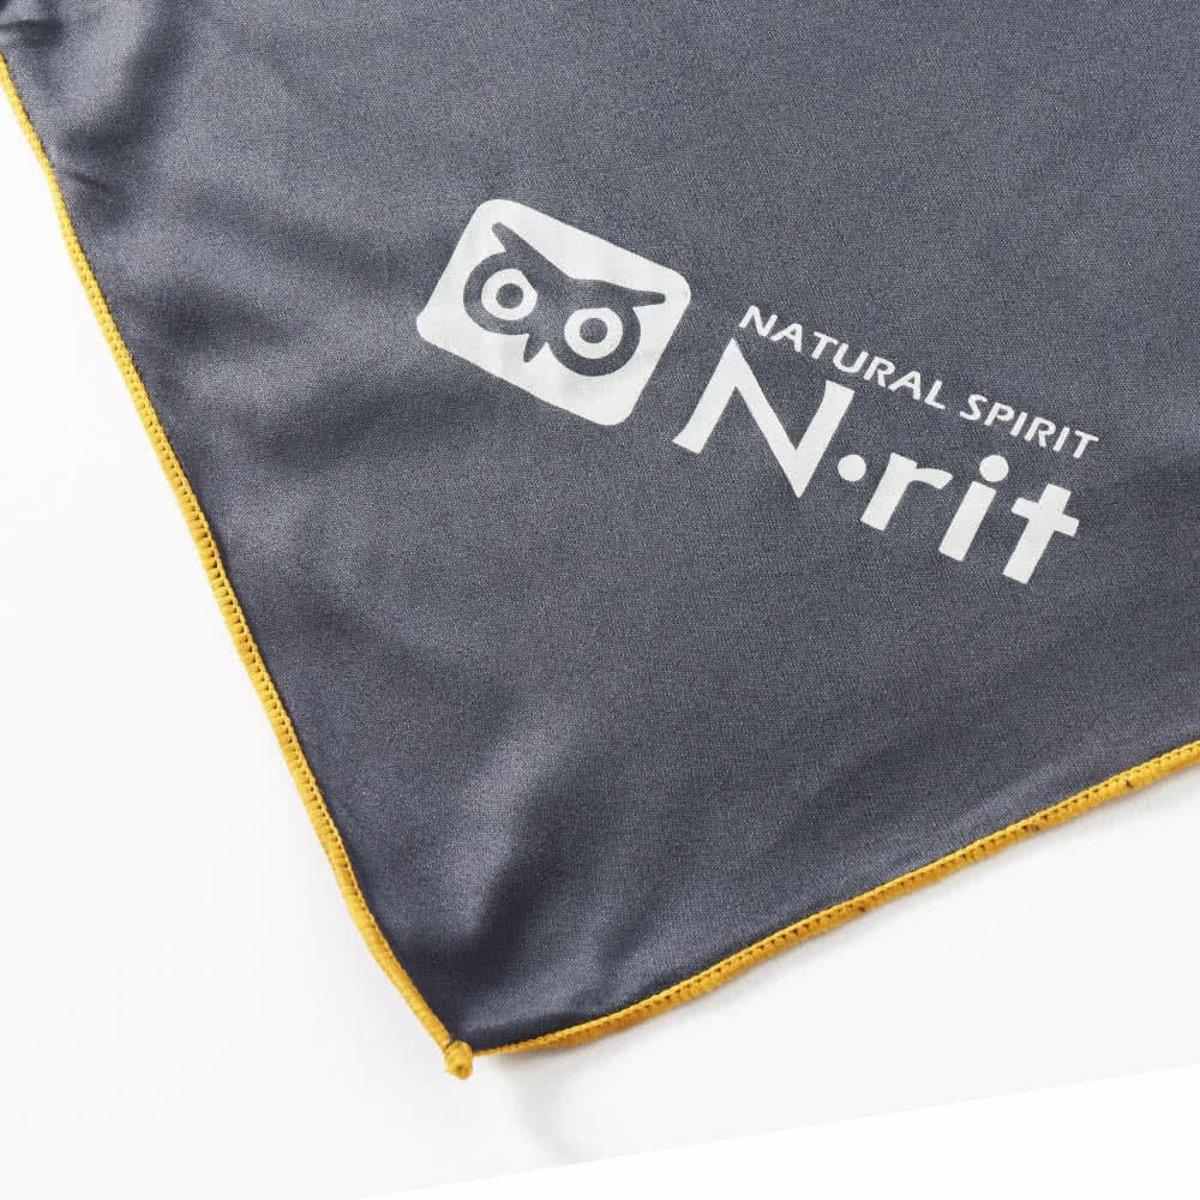 韓國製超輕防菌吸水快乾毛巾 - Super Light Towel L d. or l. grey